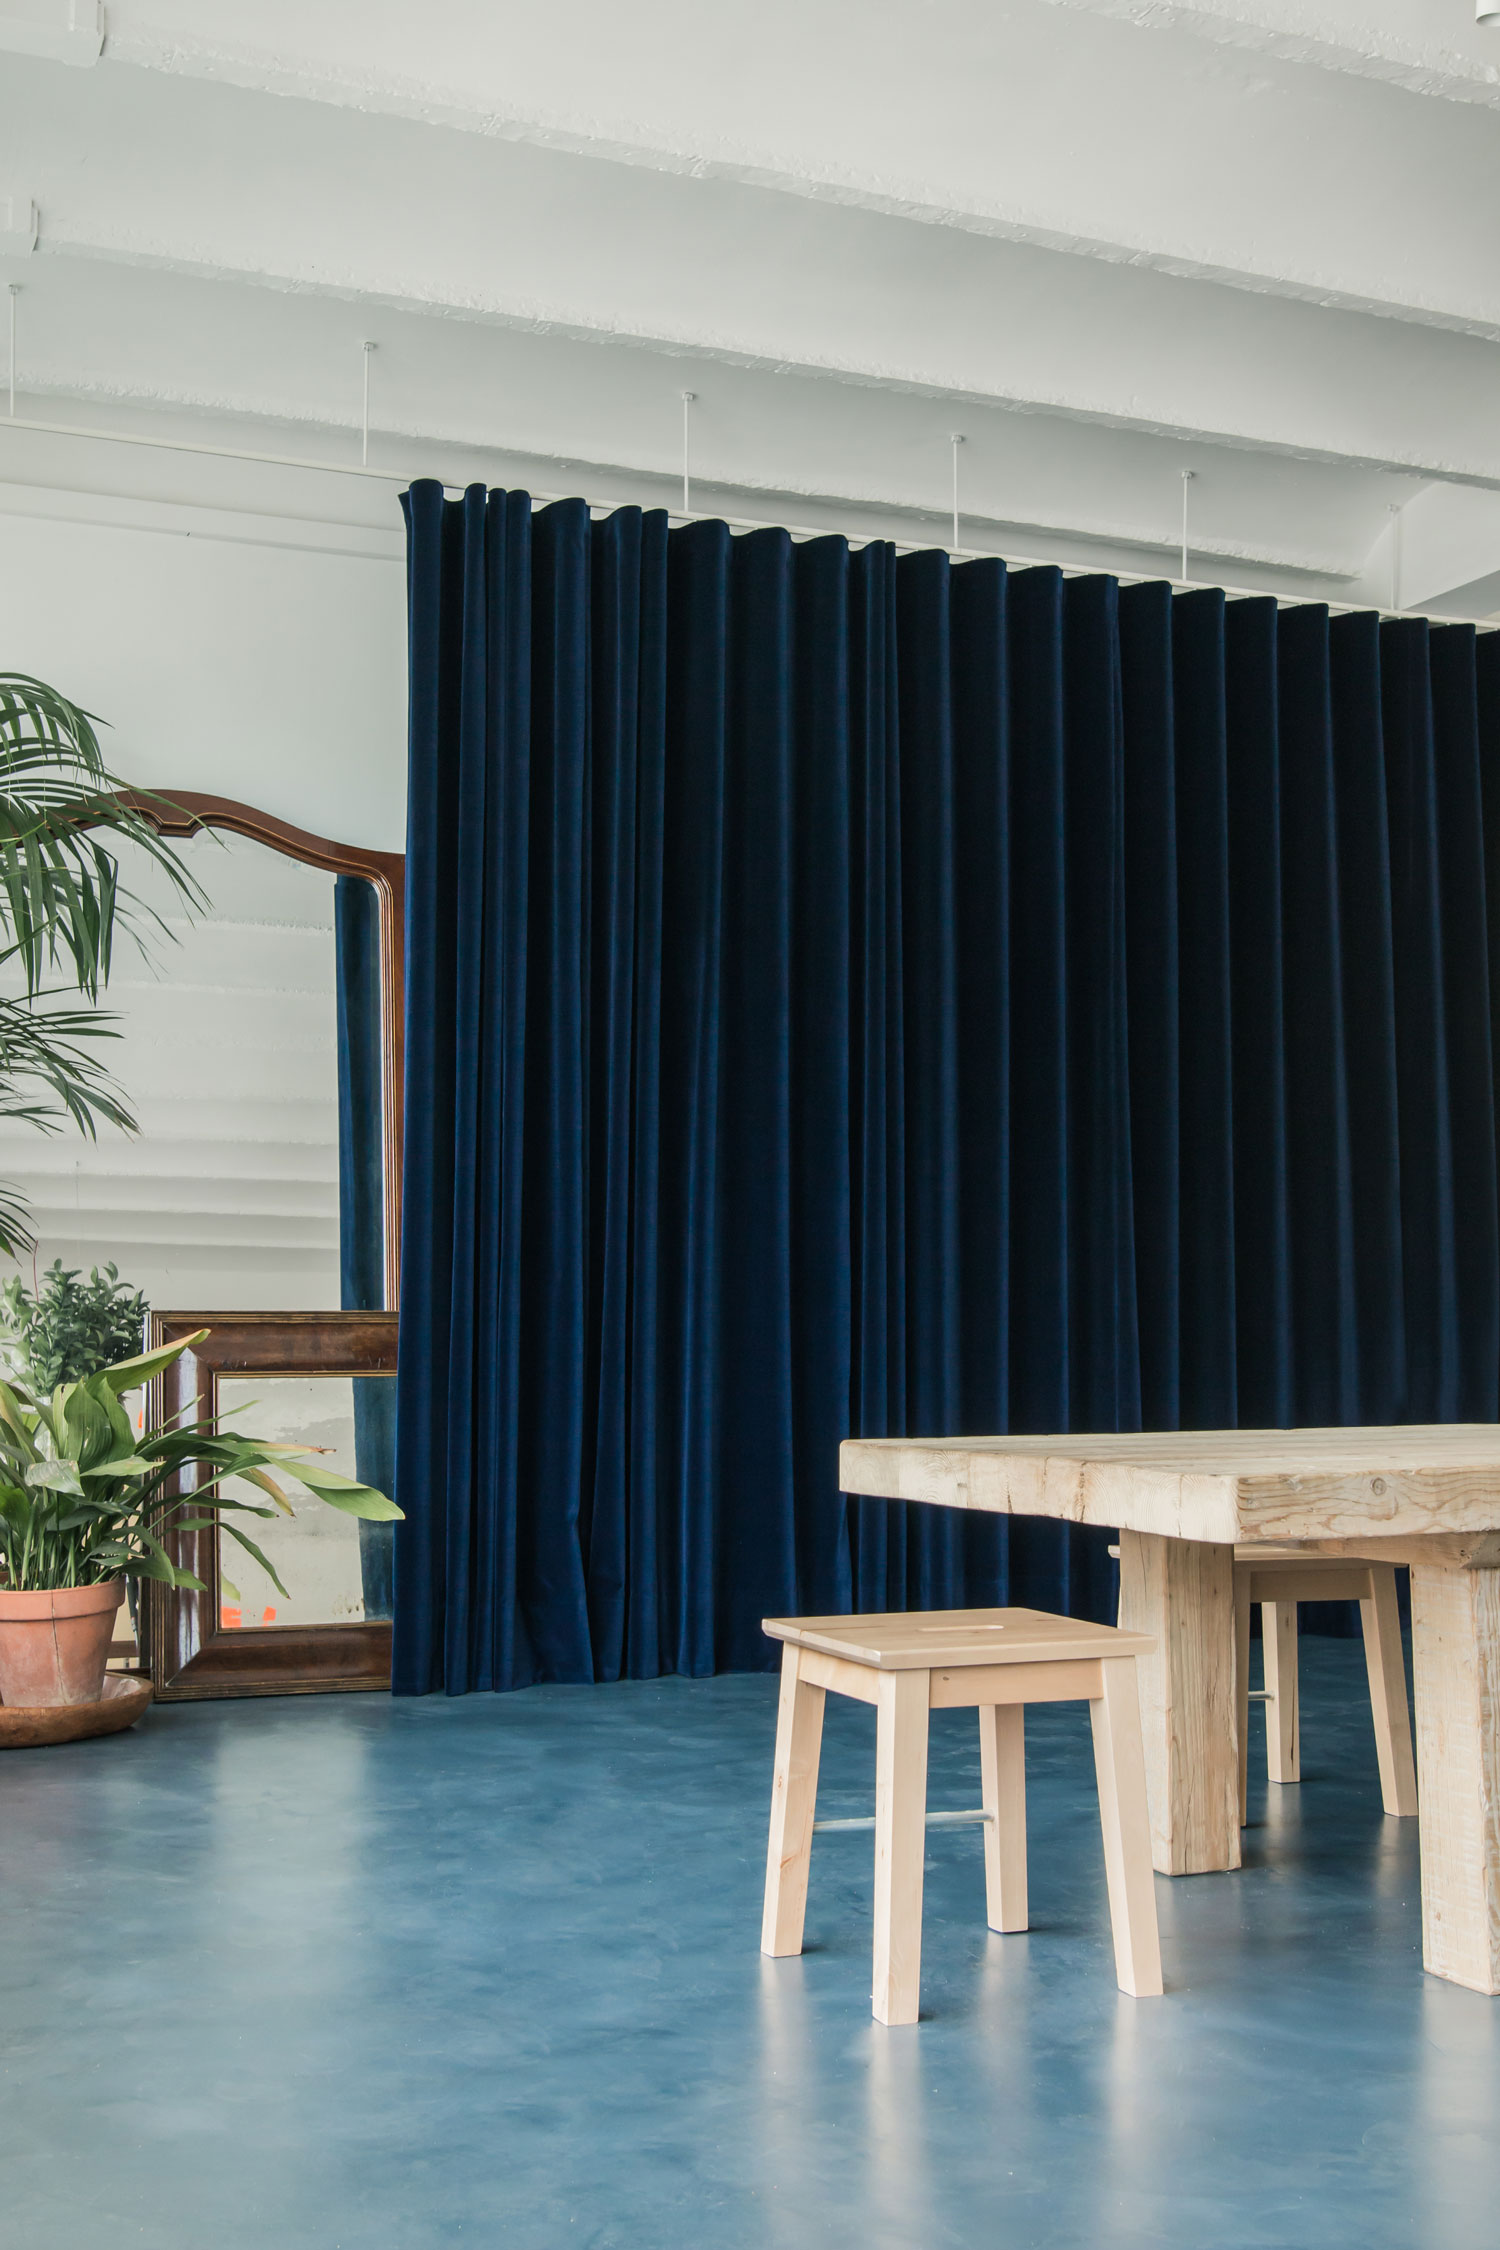 Cirera + Espinet Design Their Own Barcelona Studio | Yellowtrace